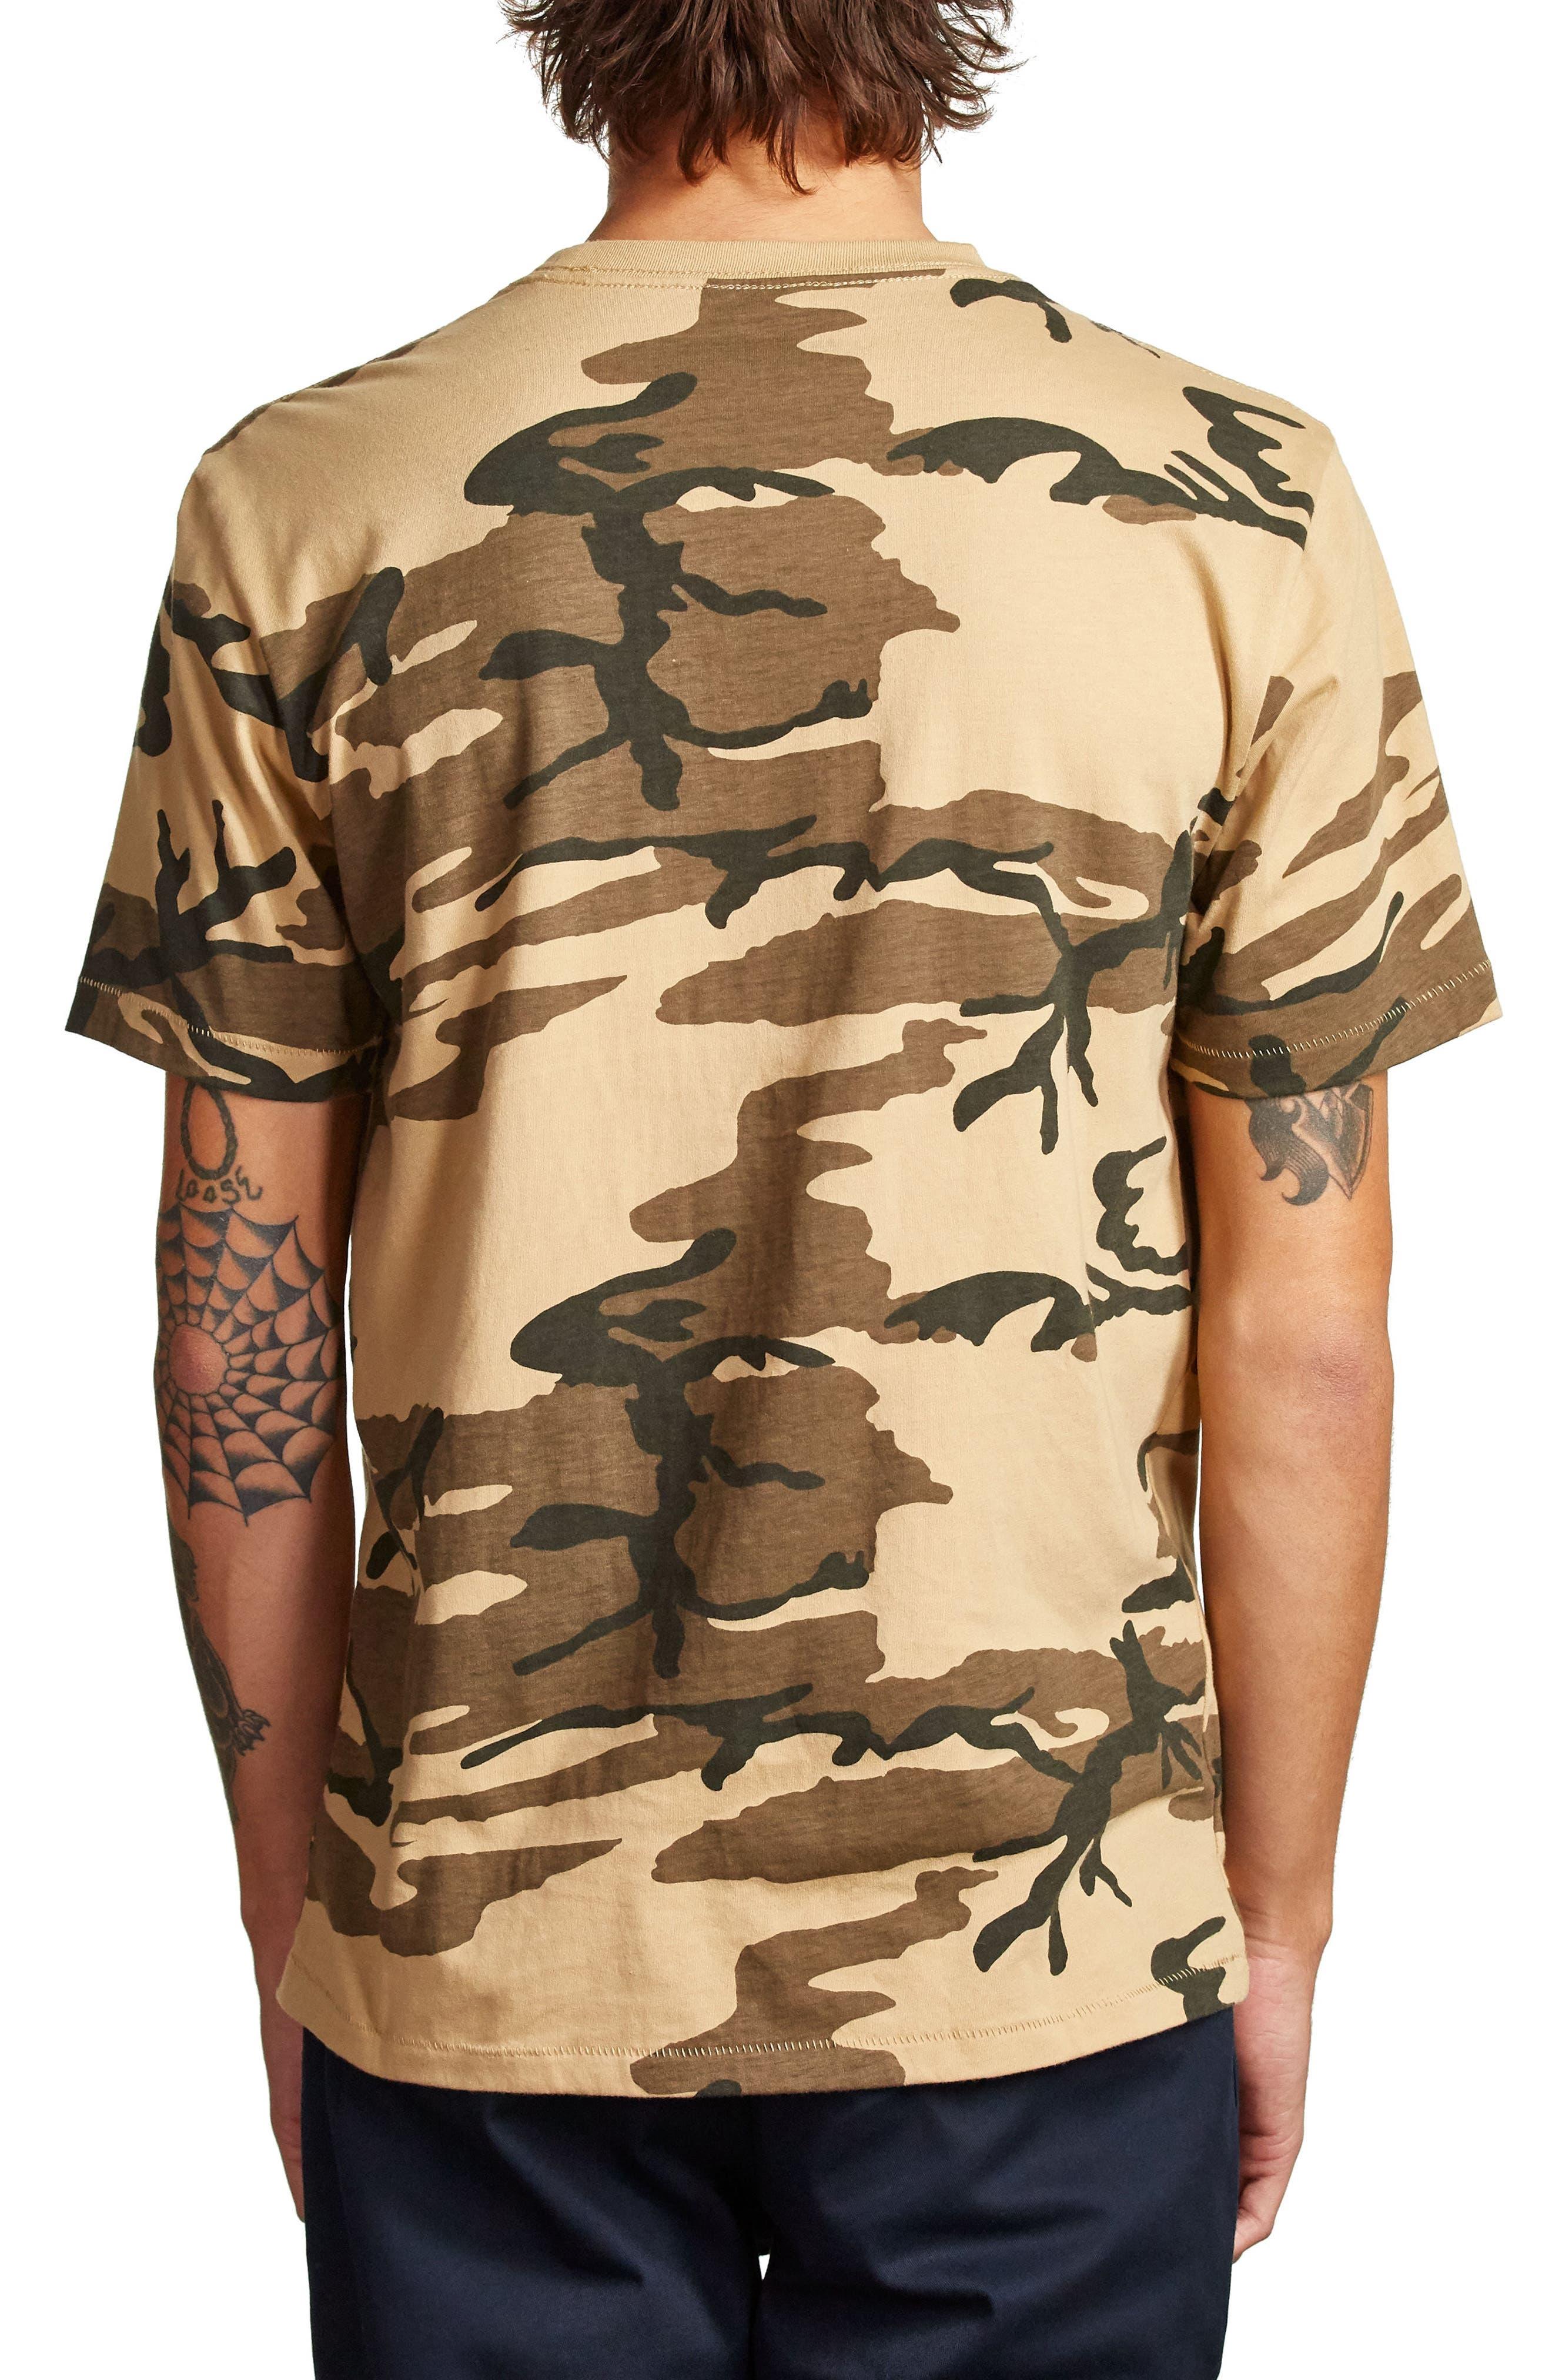 Battalion Graphic T-Shirt,                             Alternate thumbnail 4, color,